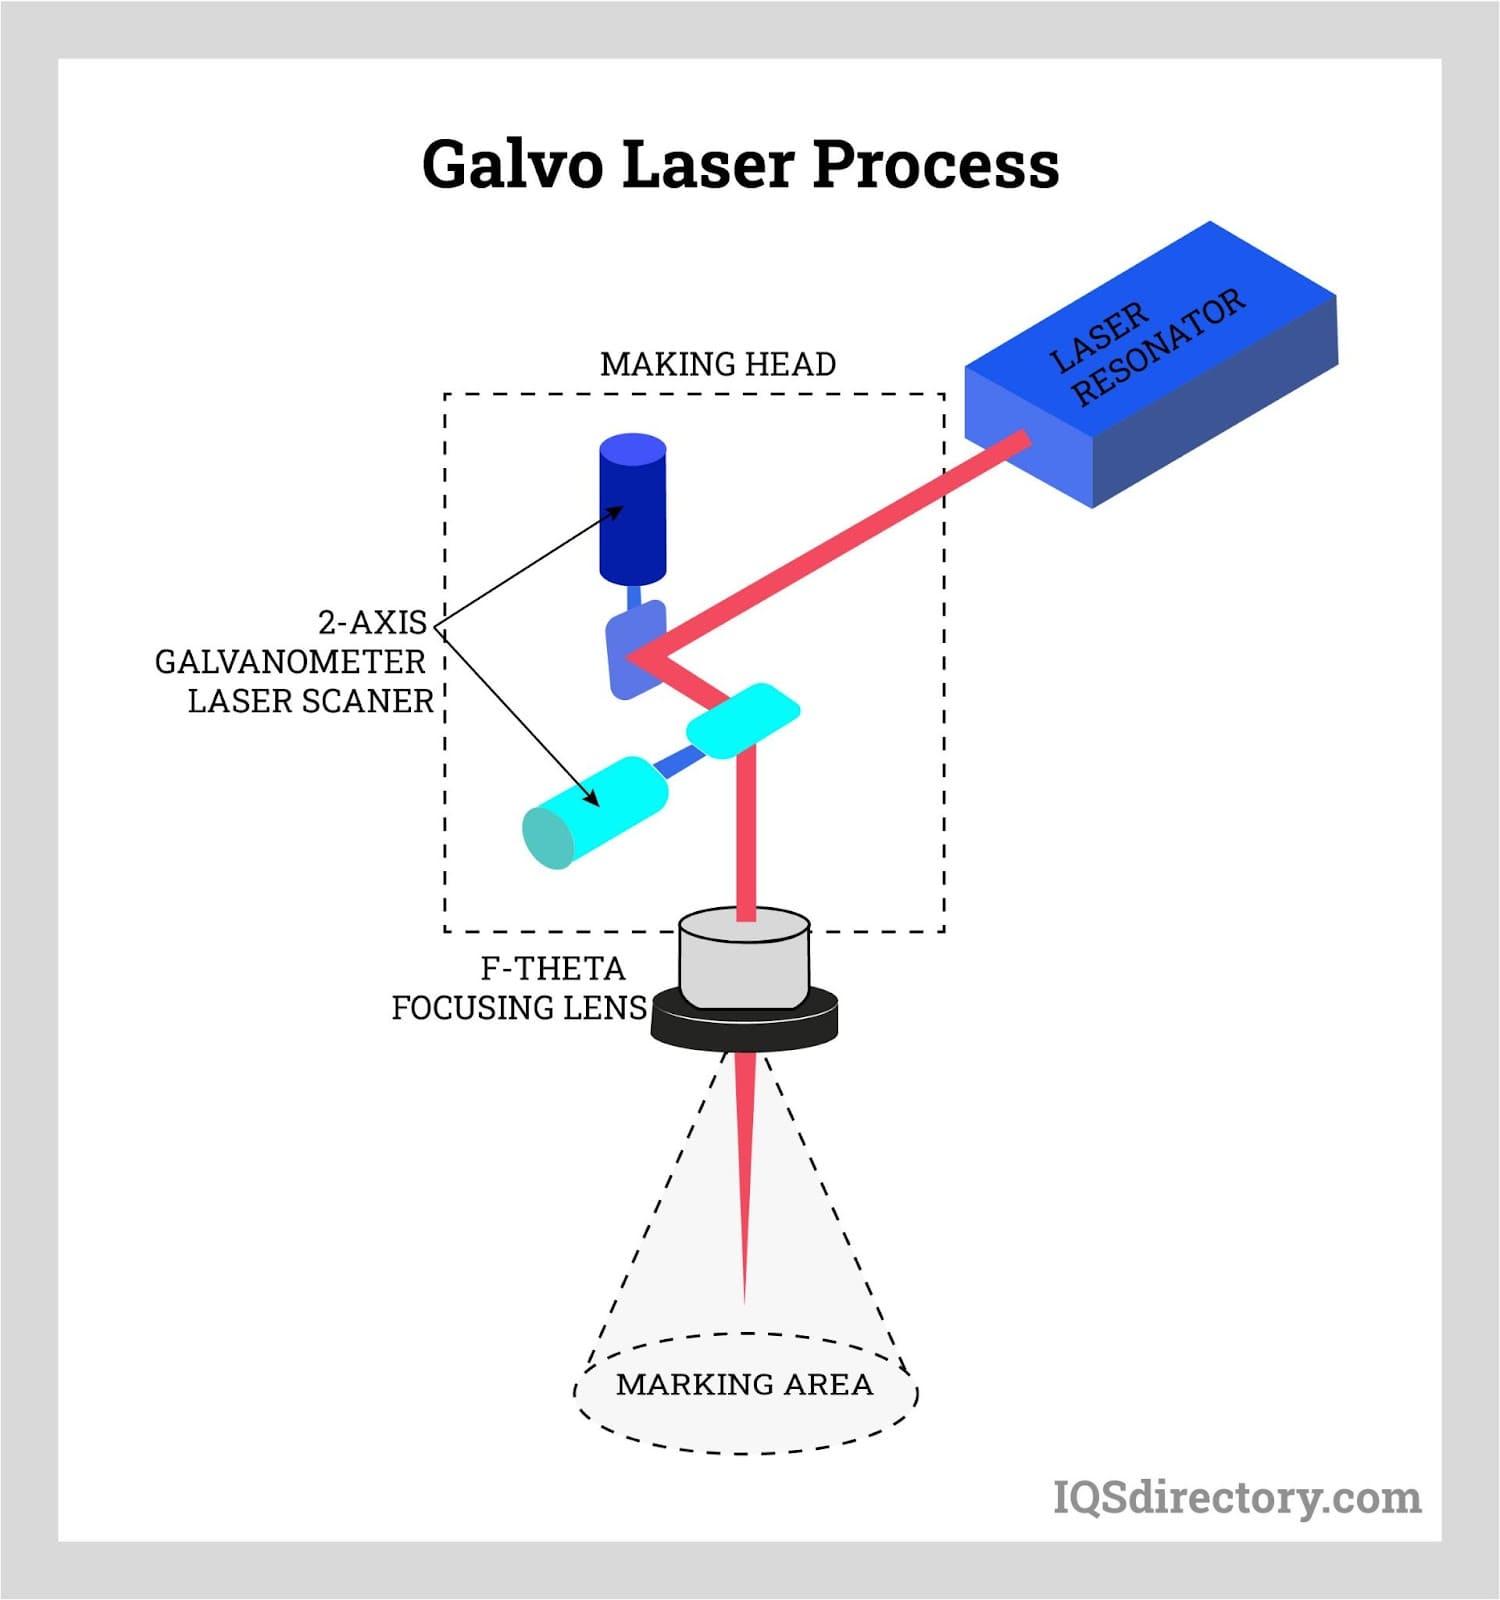 Galvo Laser Process